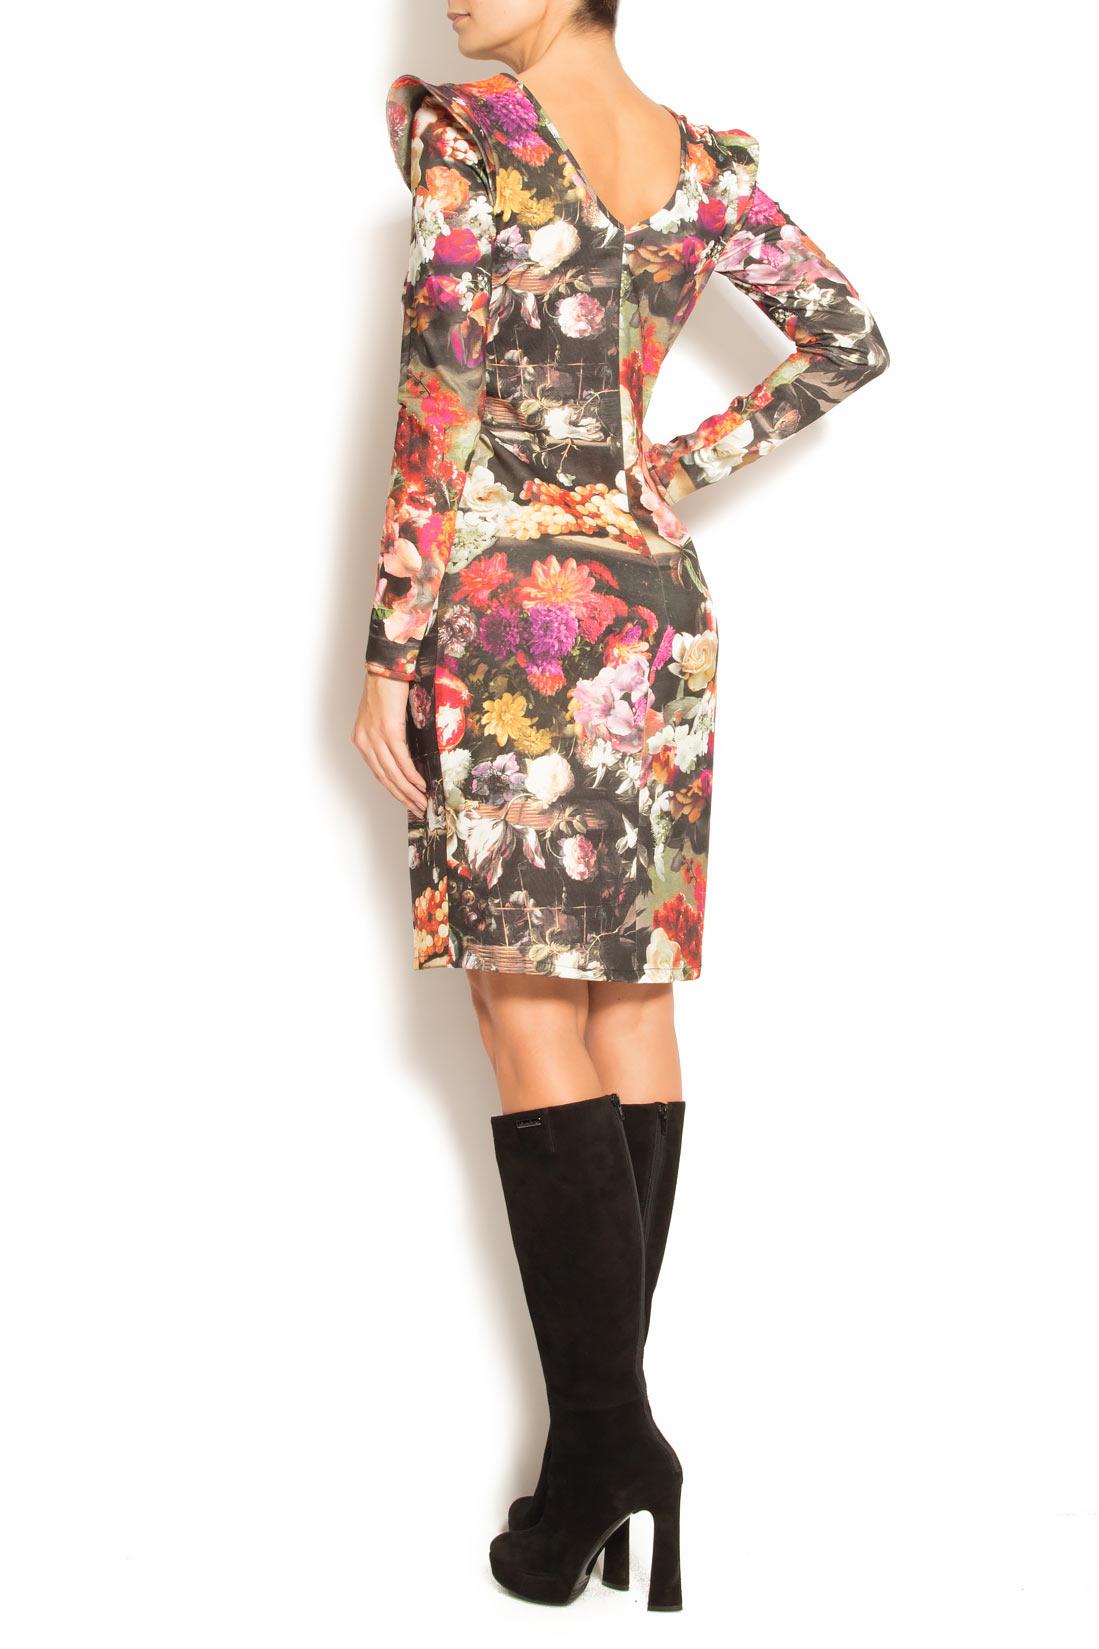 Rochie din neopren cu imprimeu floral Arina Varga imagine 2